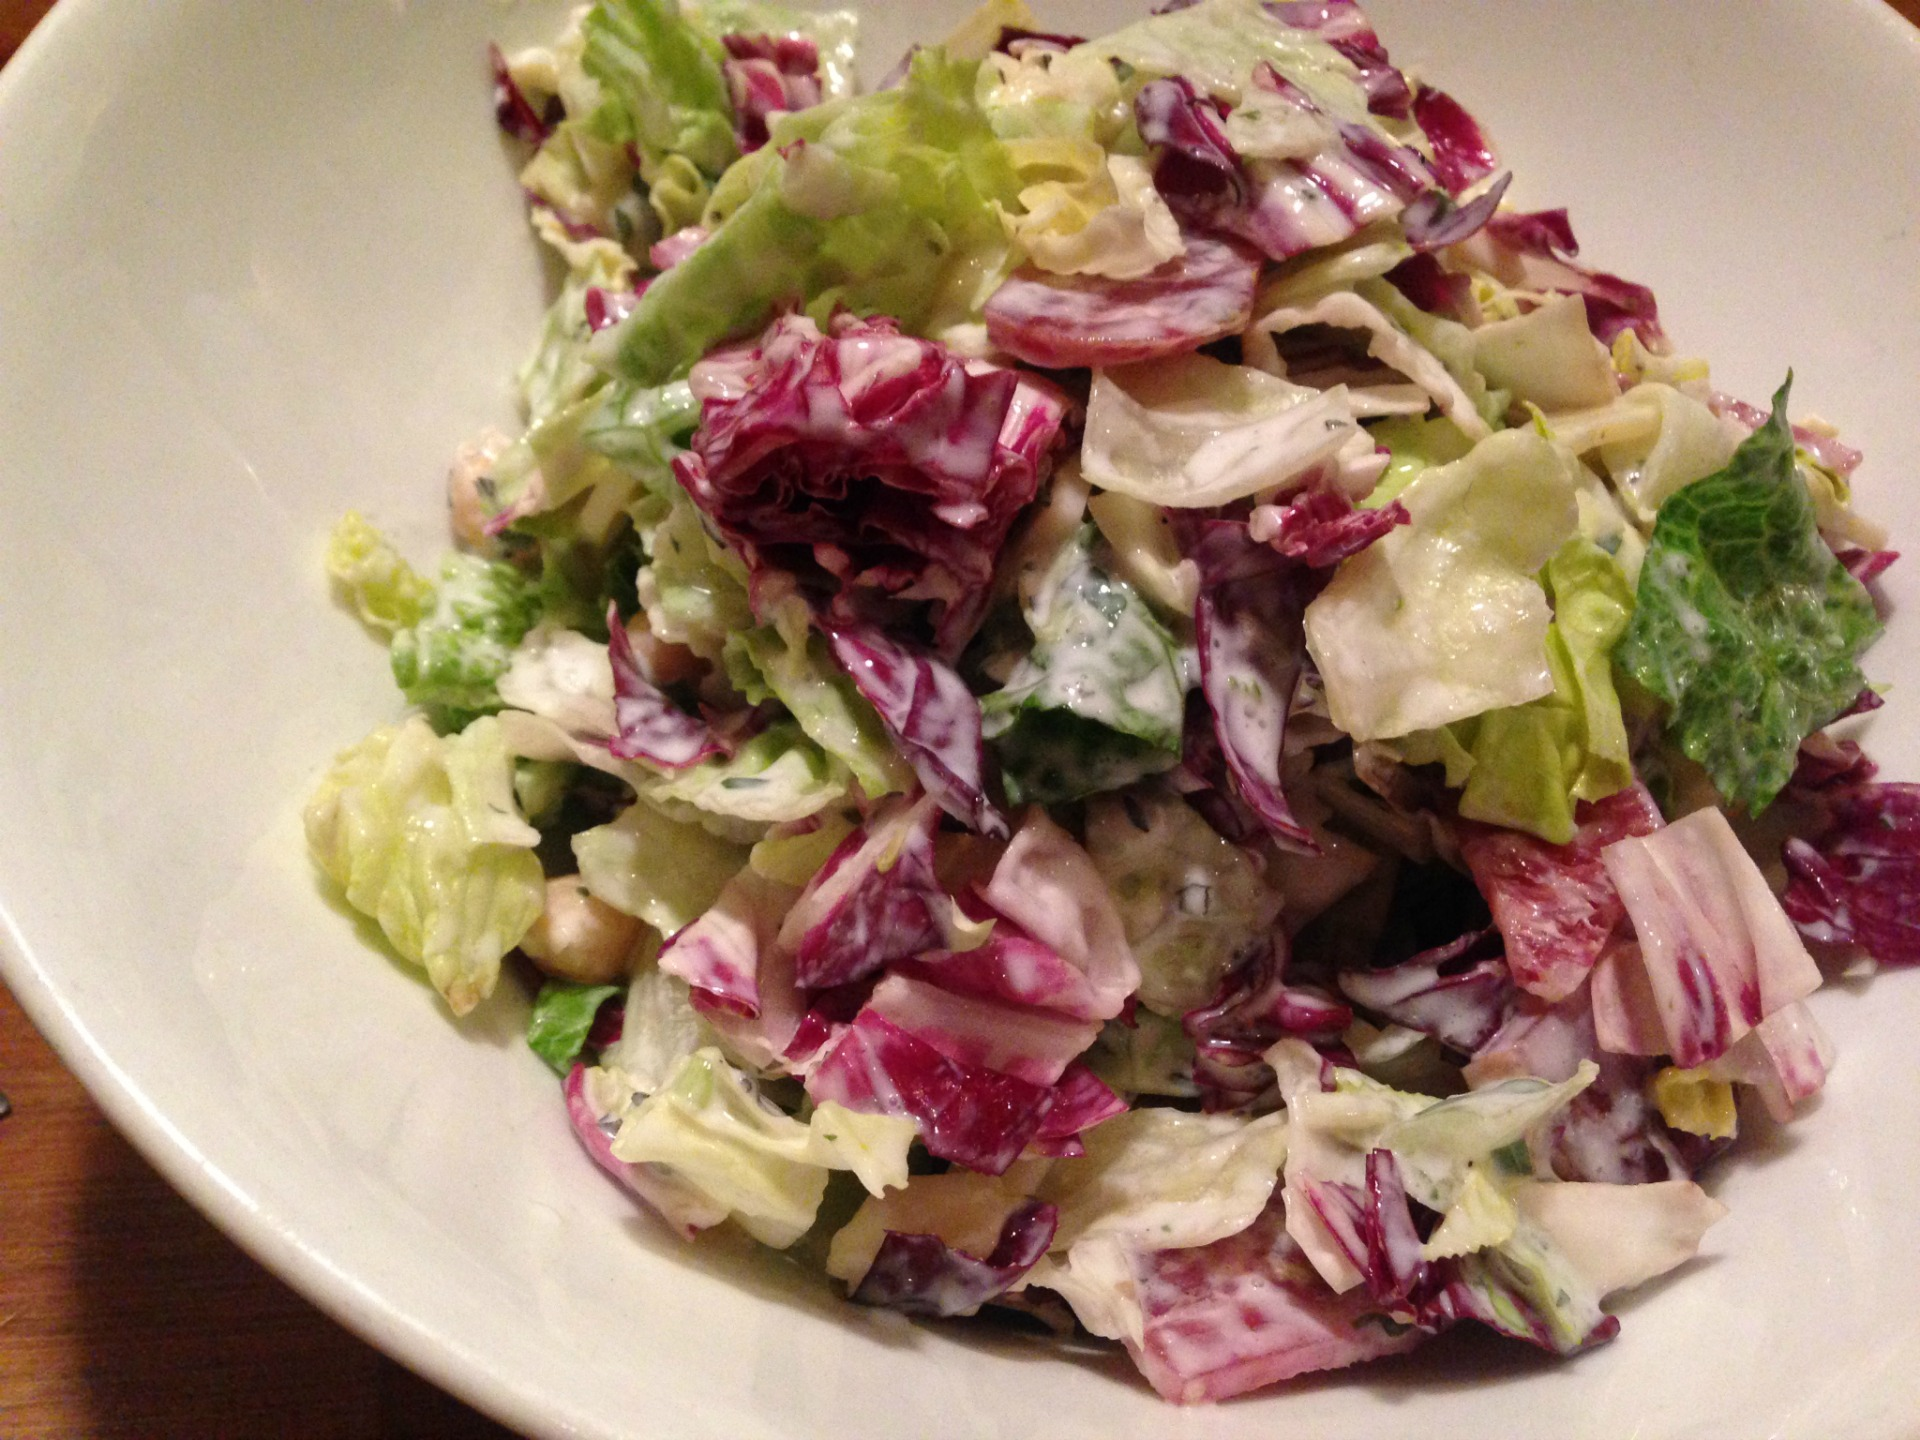 The chopped salad at Sidebar.